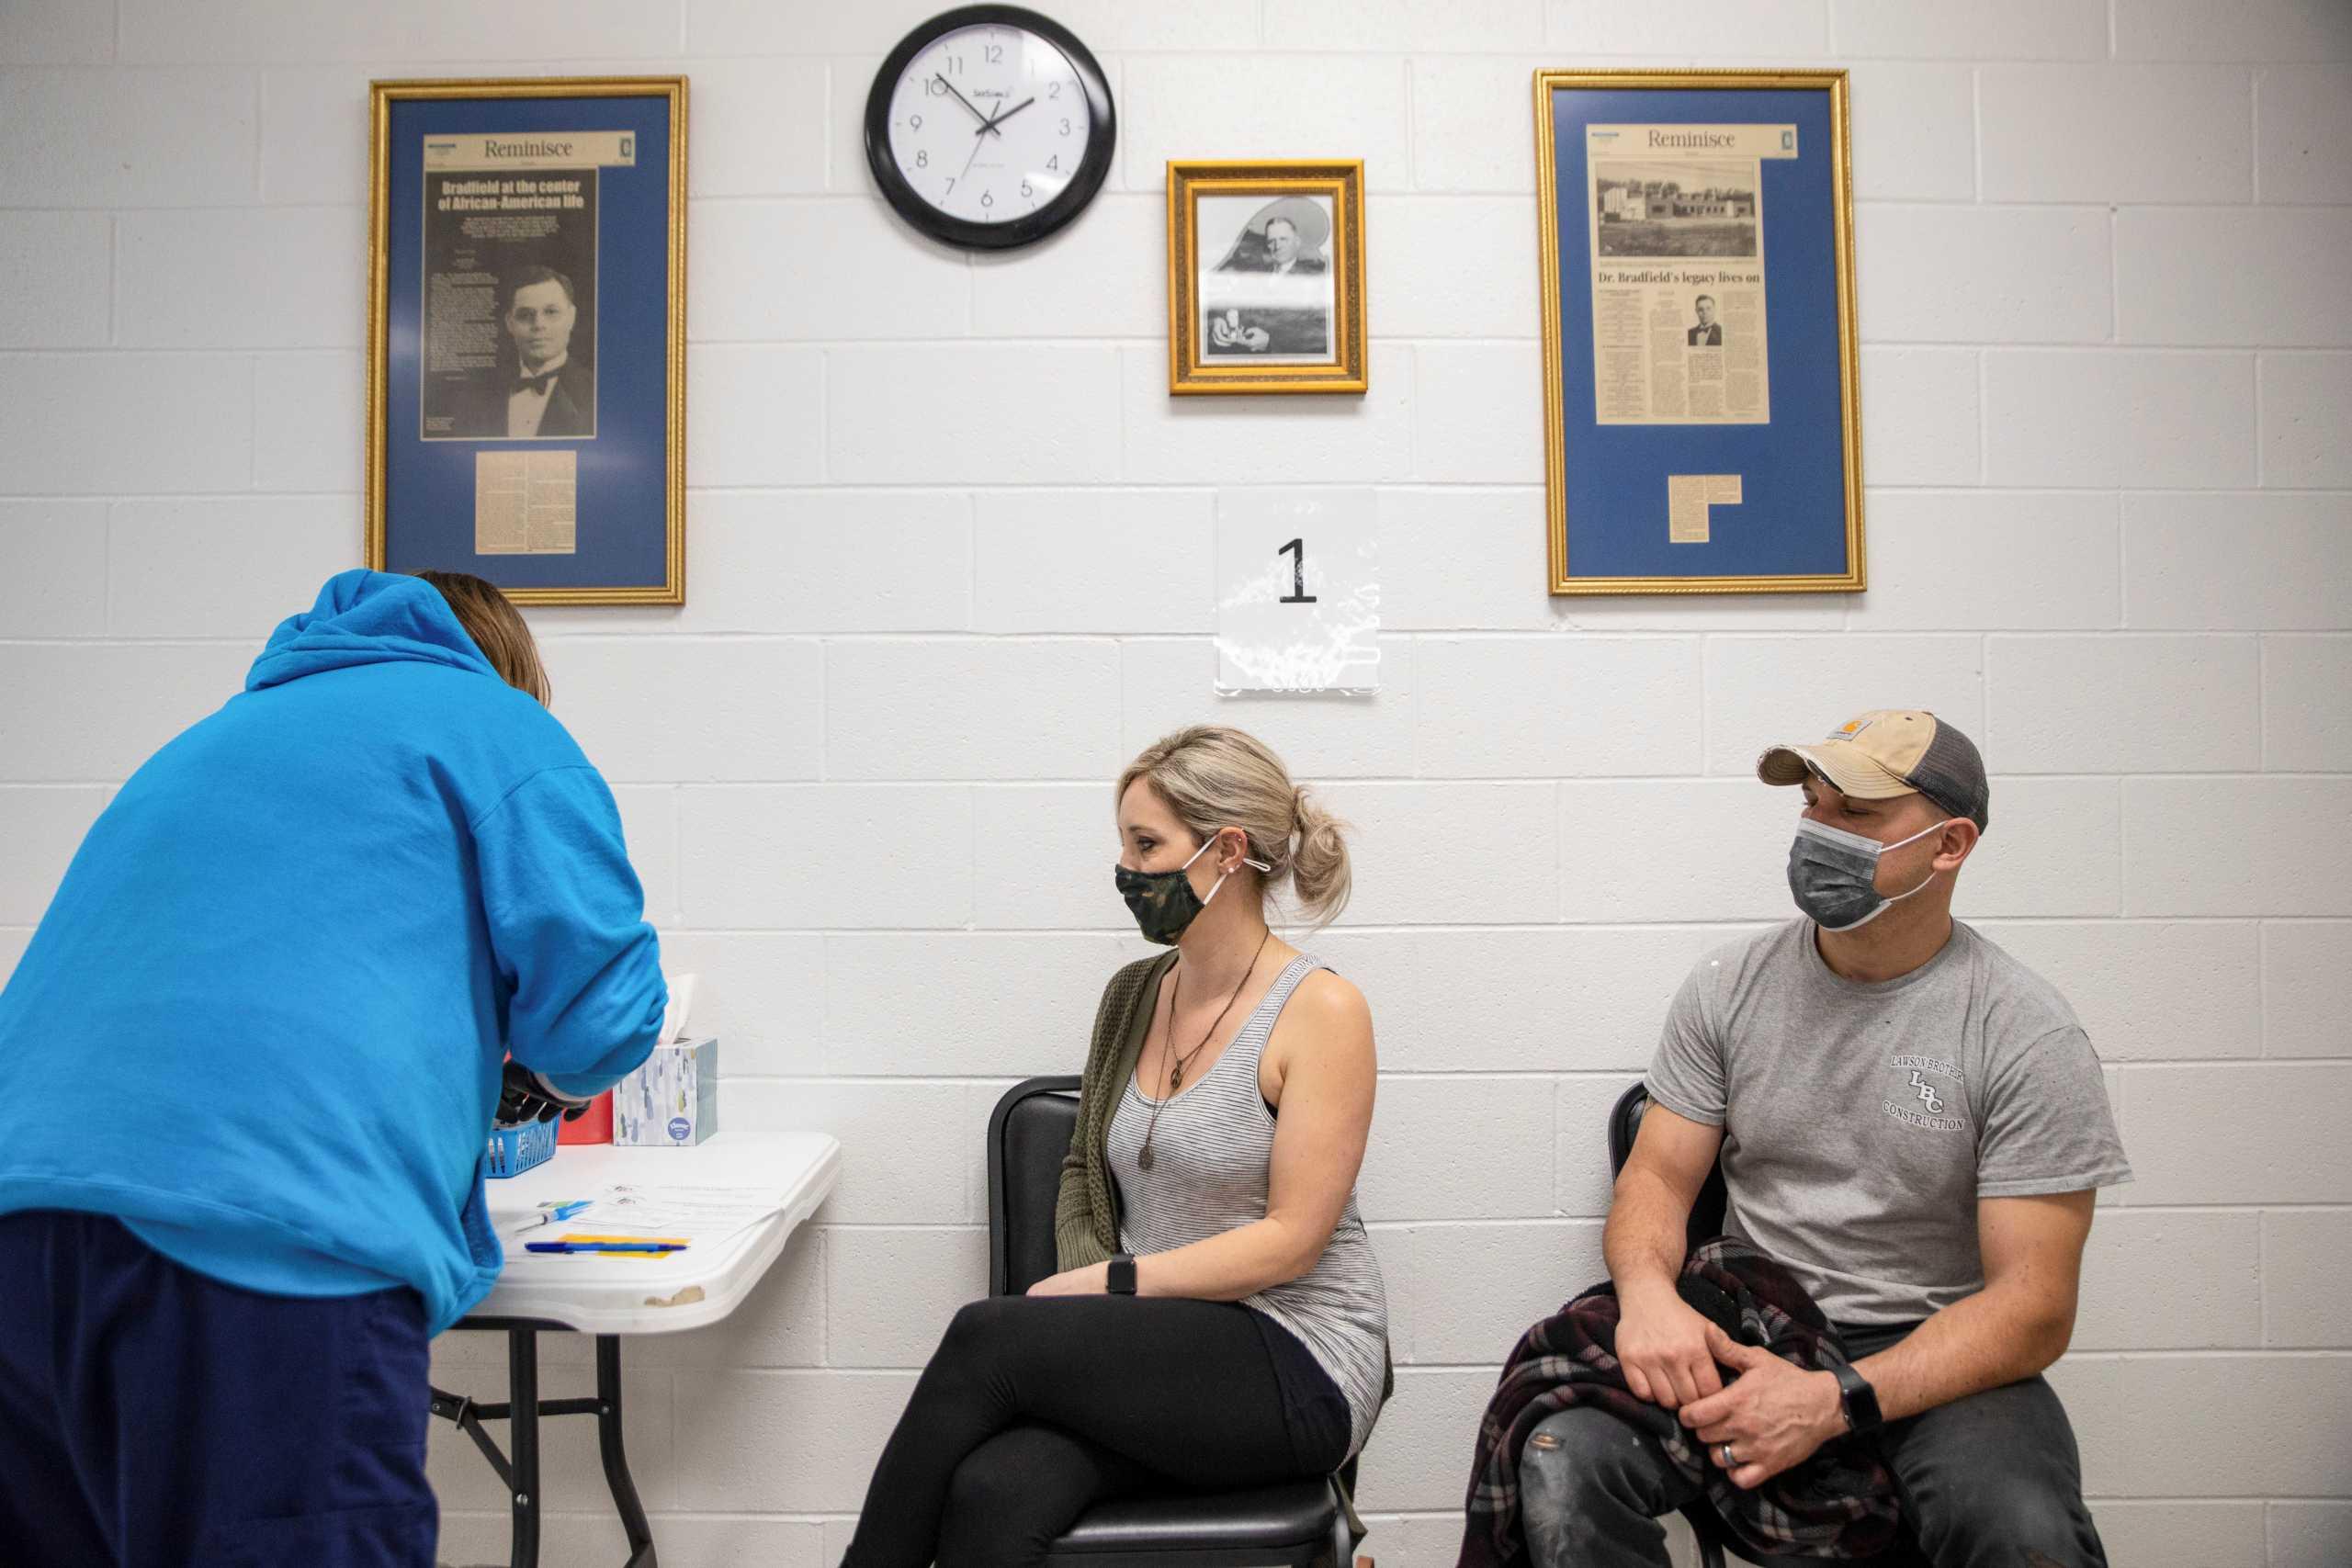 Οχάιο: Κάνεις εμβόλιο; Μπαίνεις σε κλήρωση για 1 εκατ. δολάρια